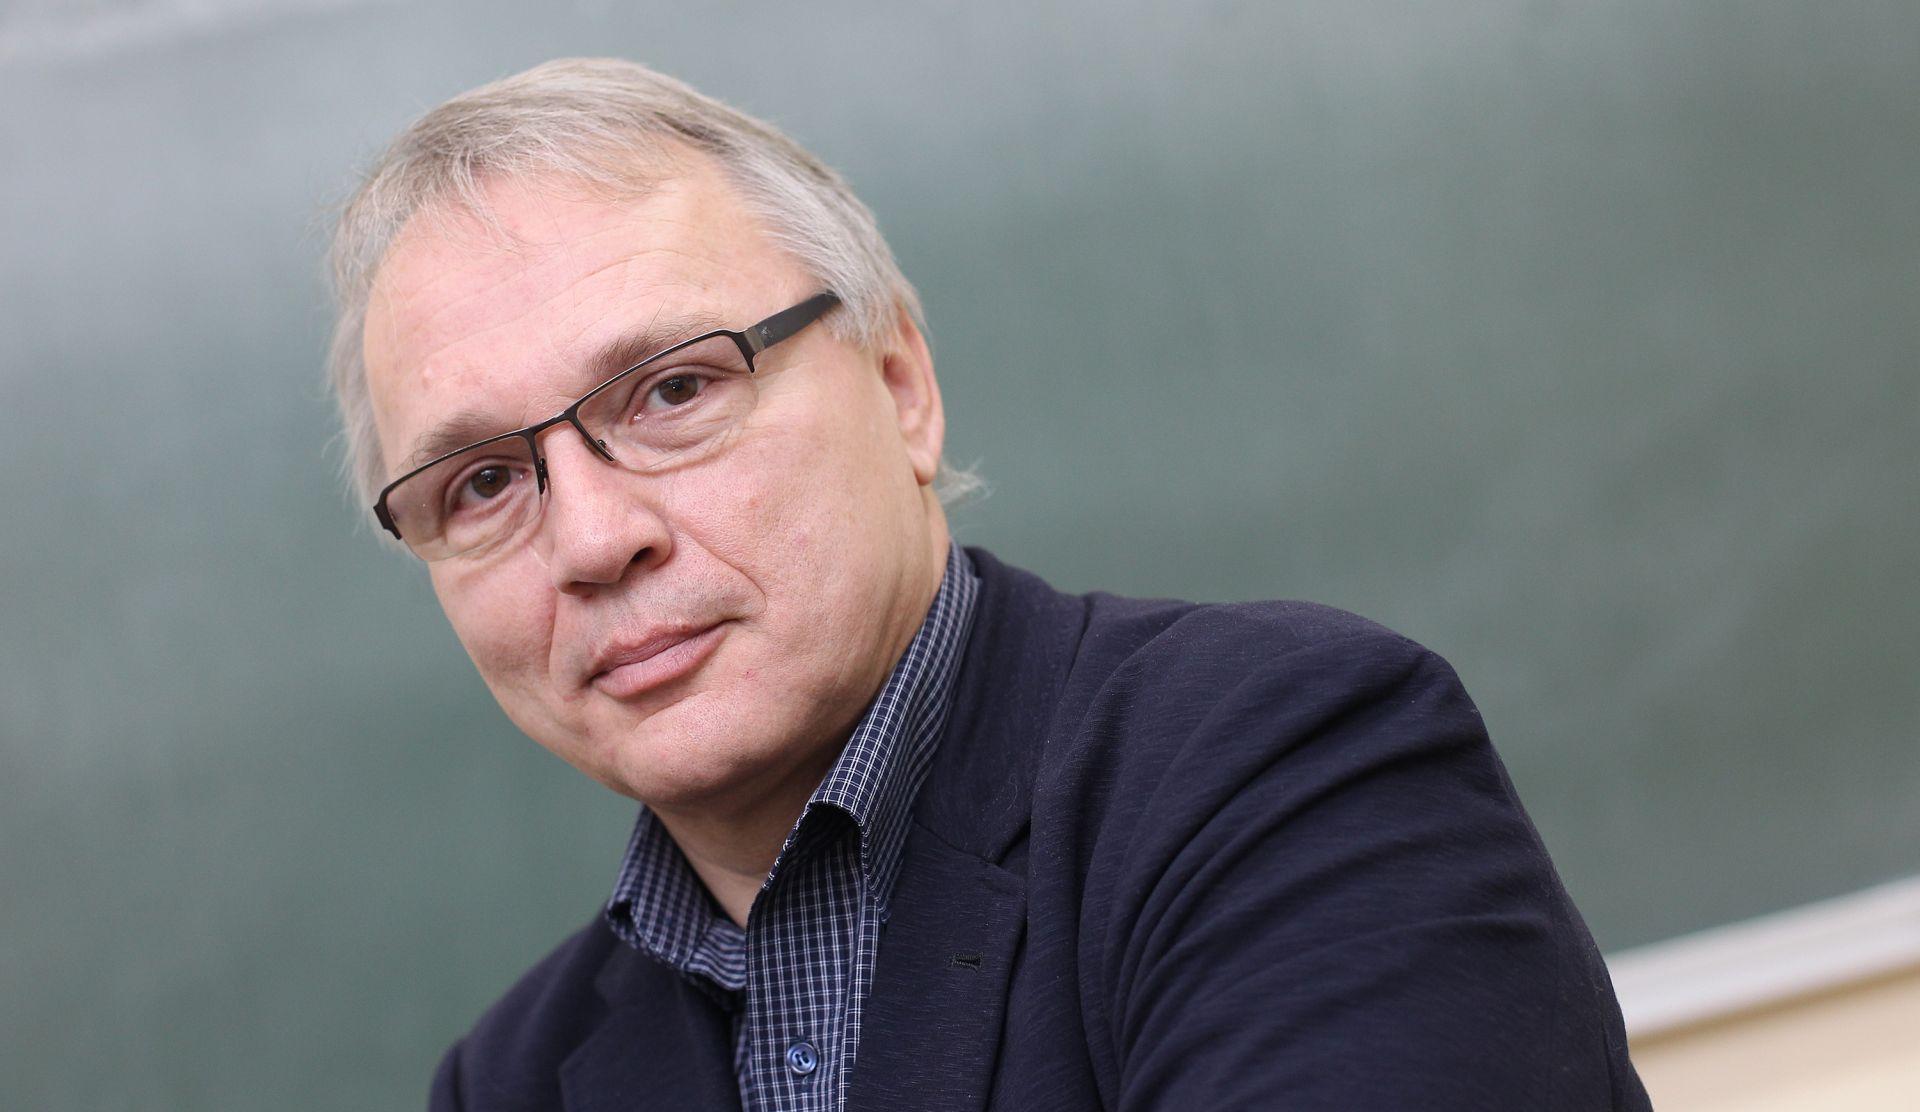 GOST KOLUMNIST: NEVEN BUDAK 'Primjedba da je kurikulum 'jugoslavenski' nije stručna, nego politička i zlonamjerna'